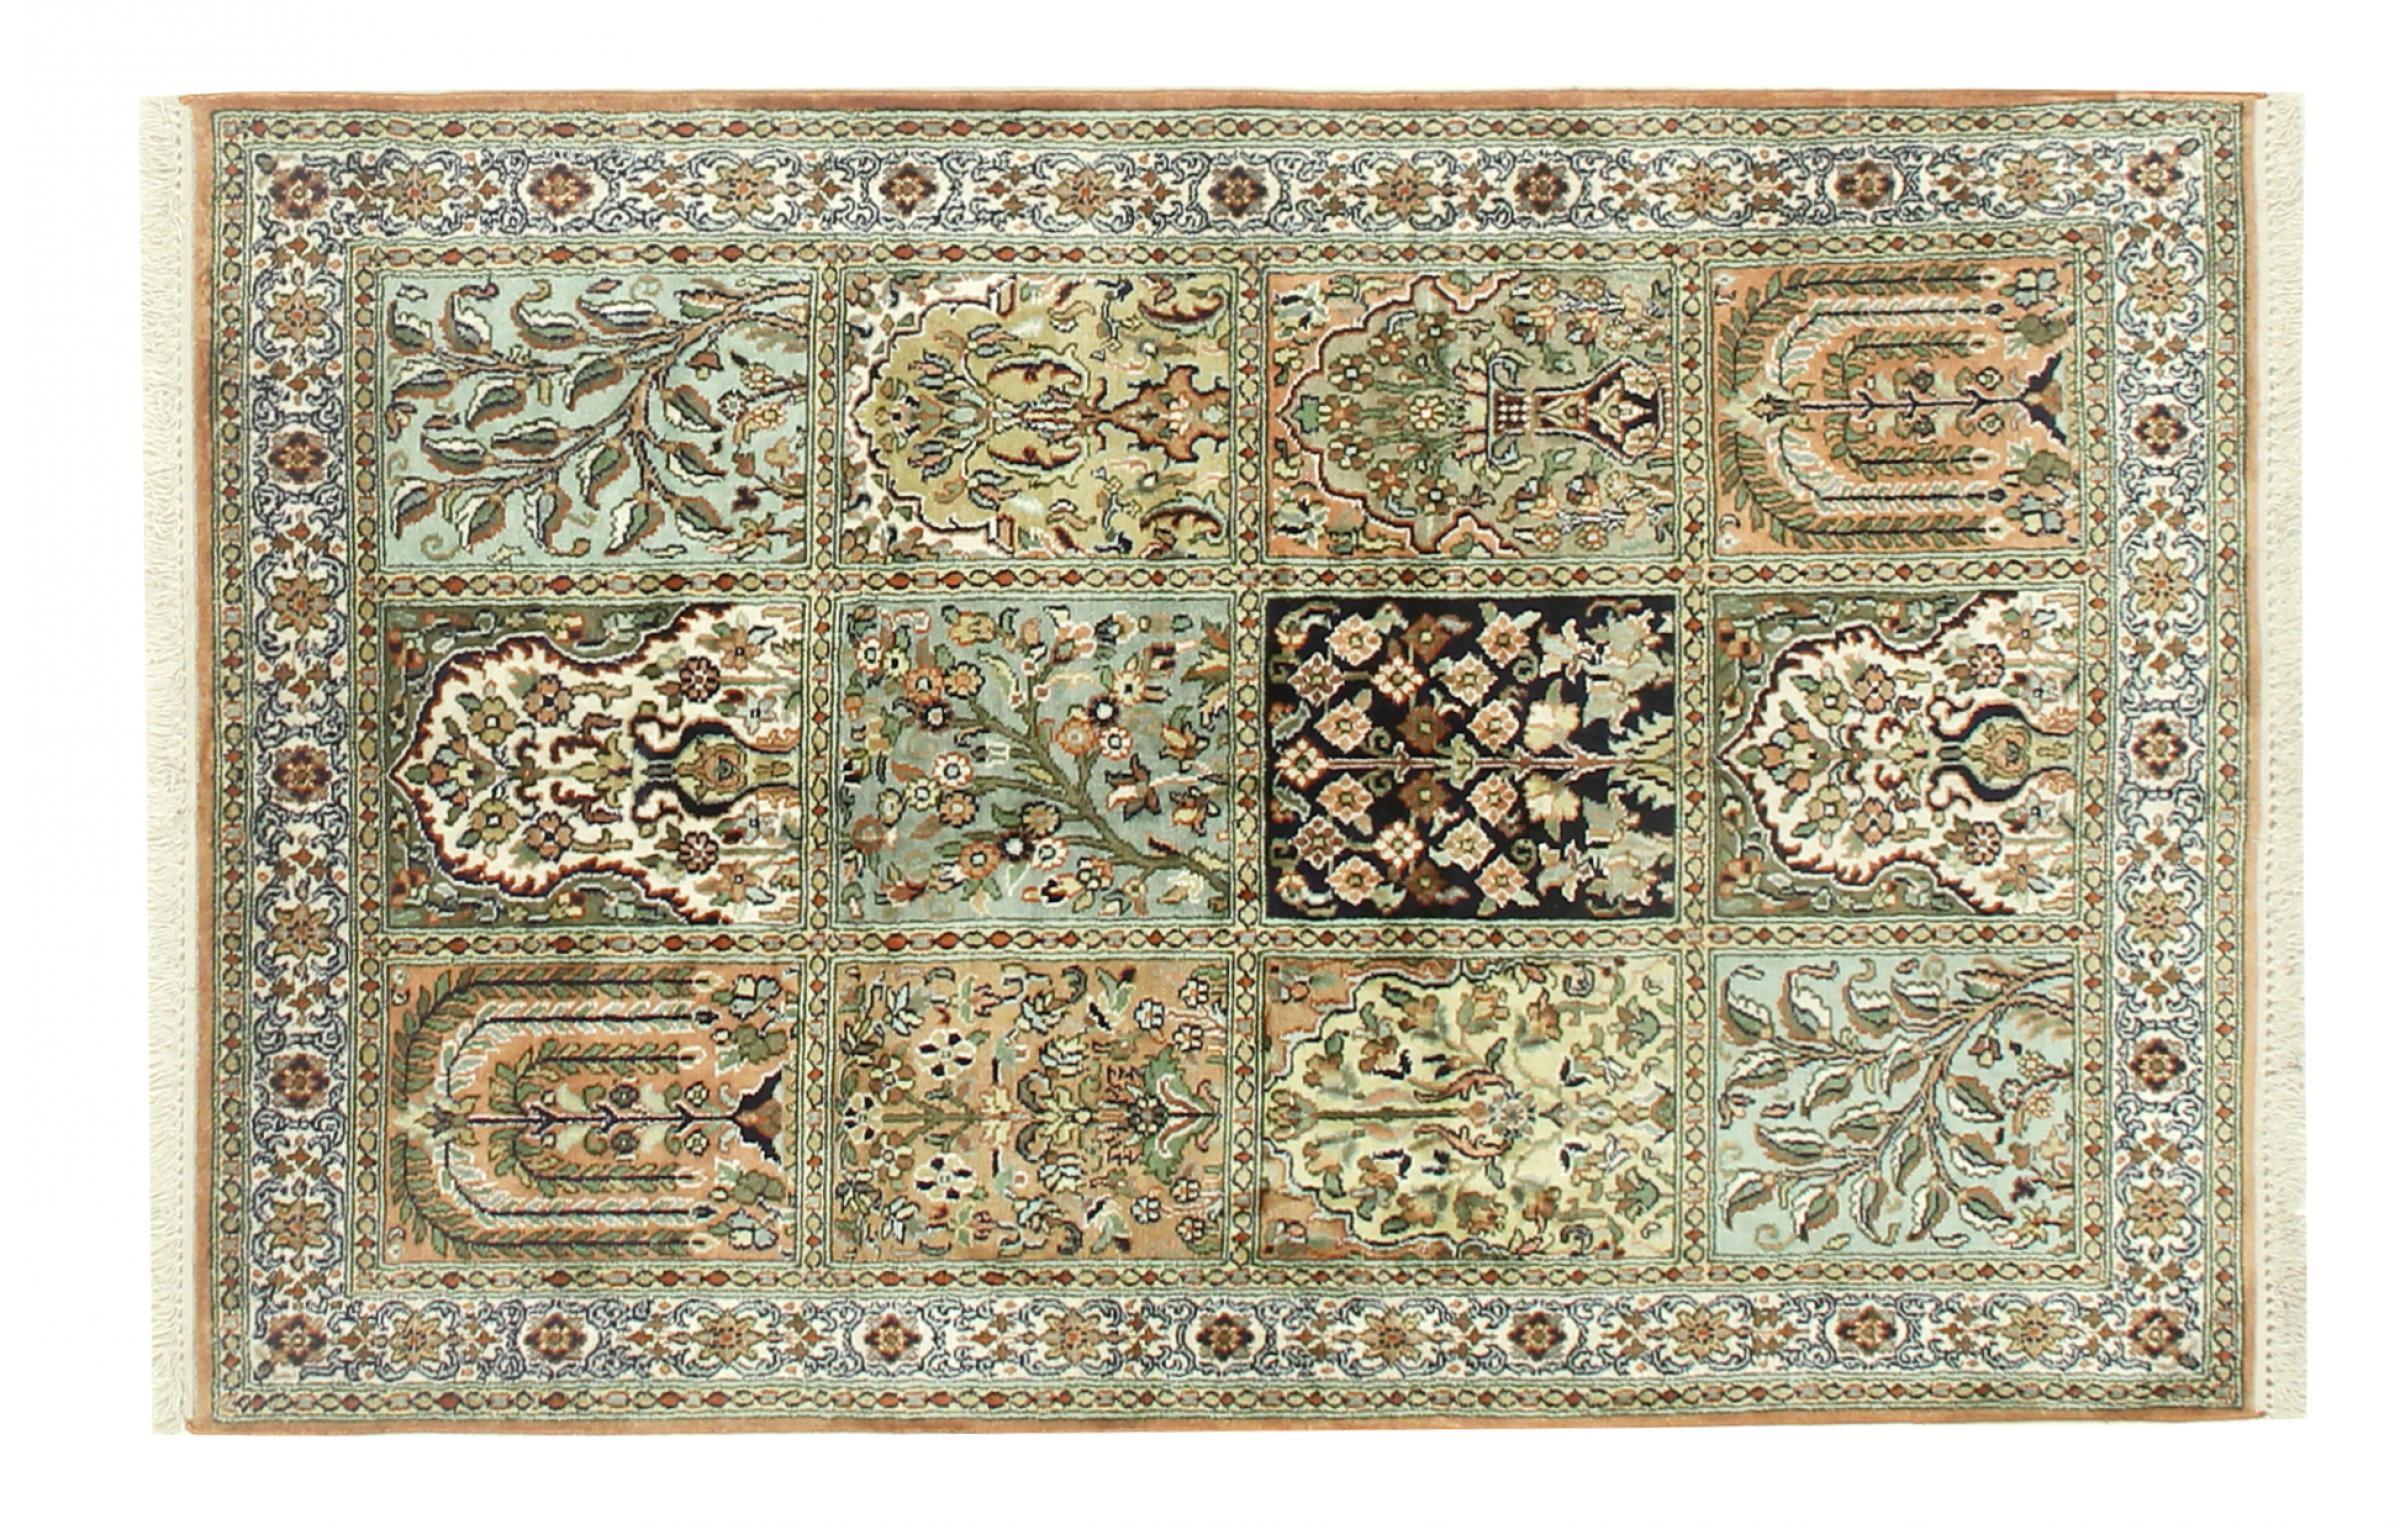 kaschmir reine seide indischer teppich 127x82 id33039. Black Bedroom Furniture Sets. Home Design Ideas